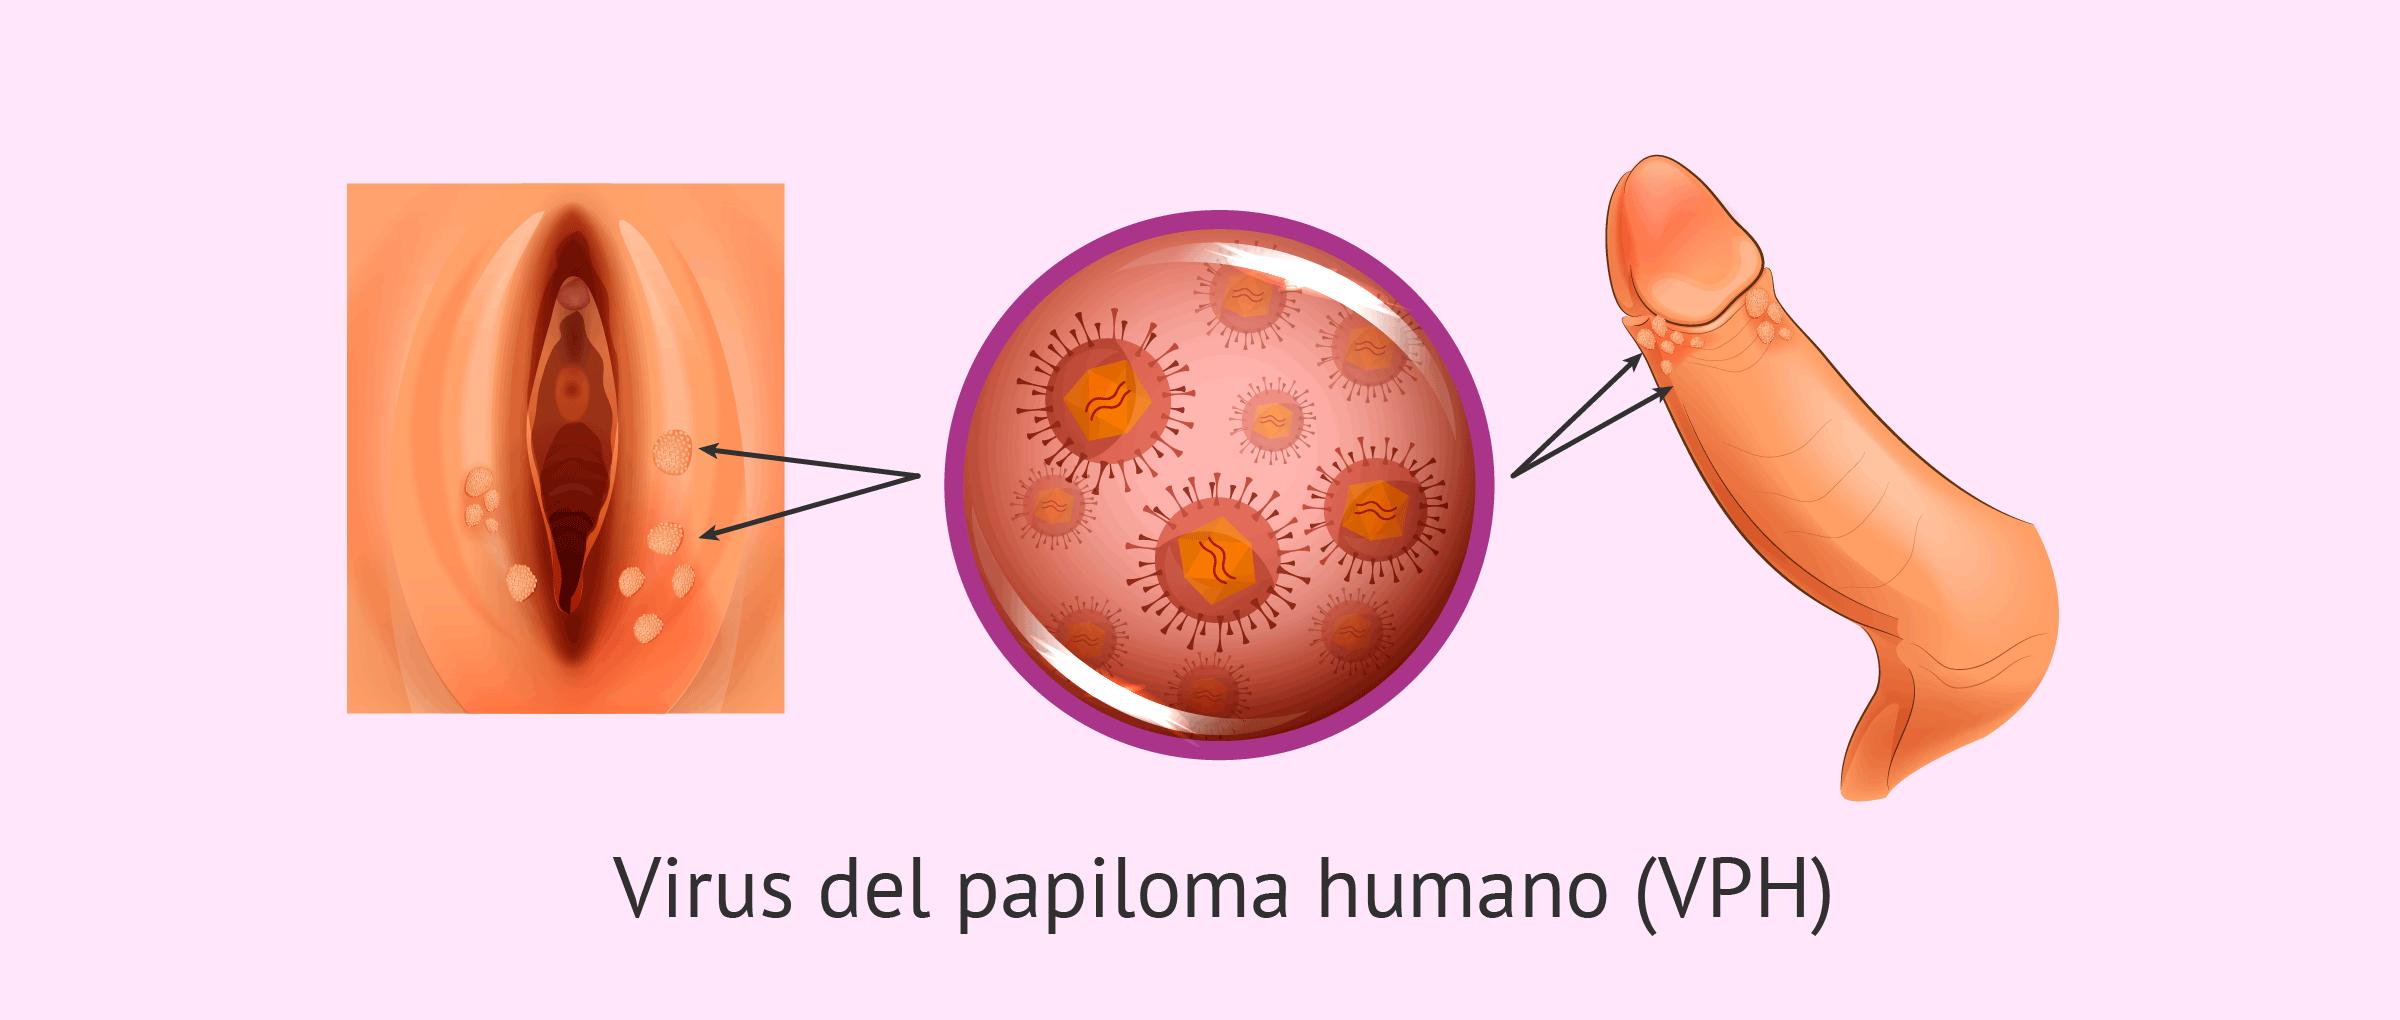 el papiloma virus humano es contagioso